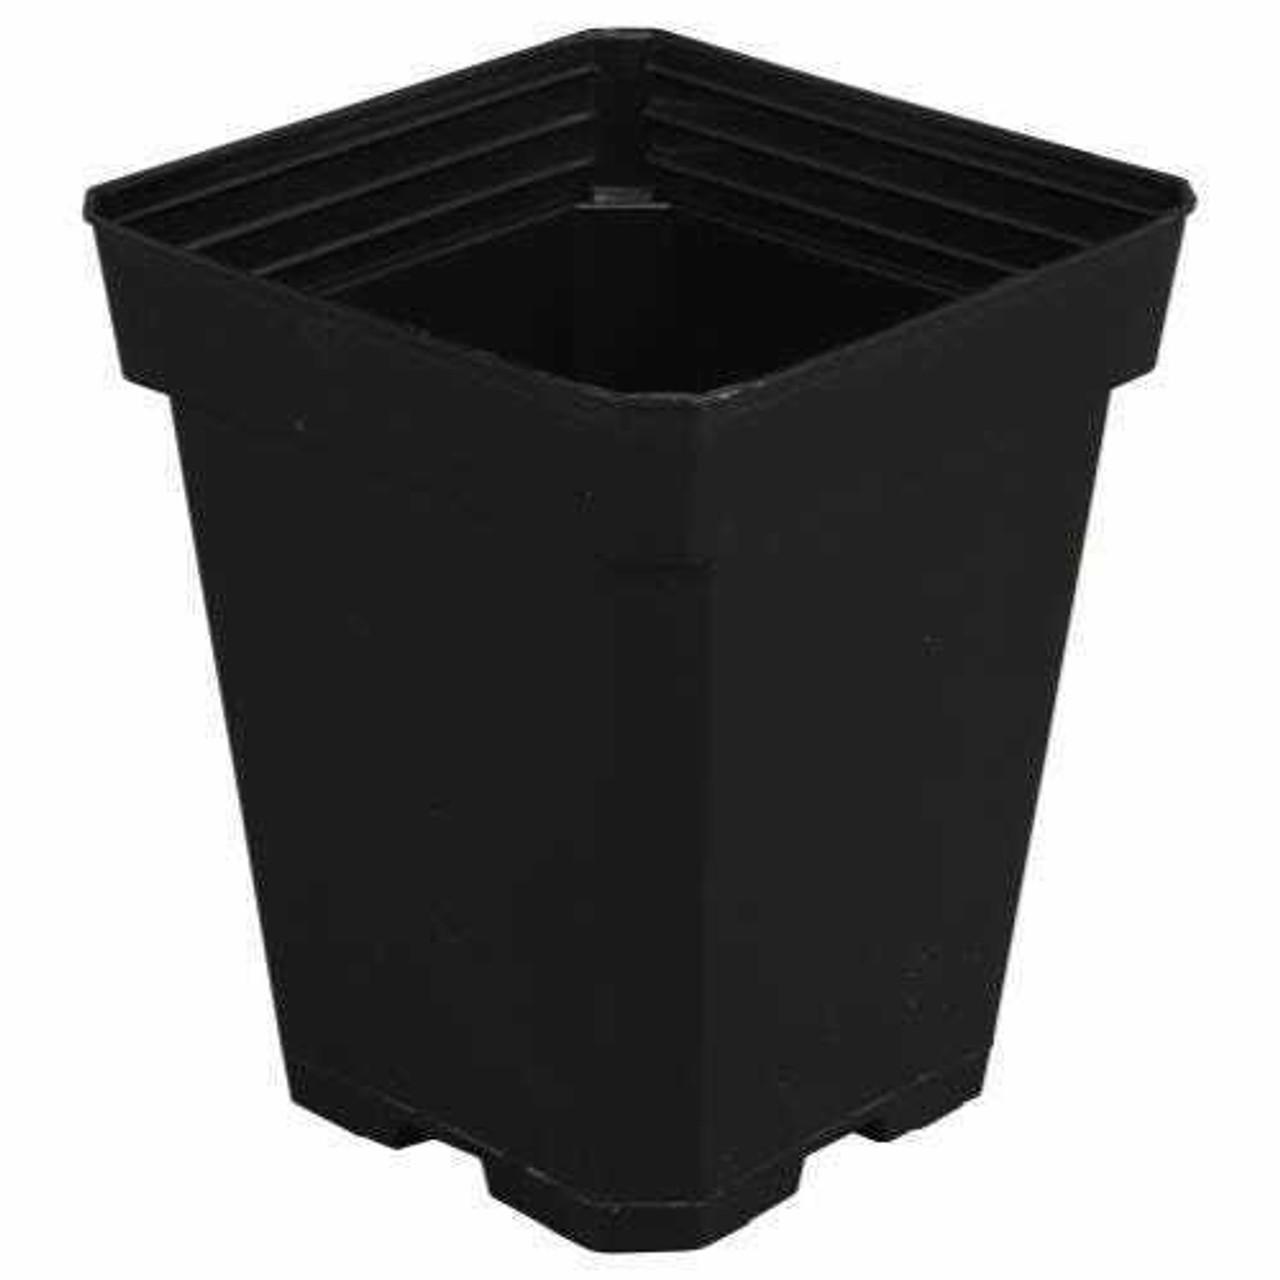 Gro Pro Black Plastic Pot 5 in x 5 in x 6.5 in (Must buy 200)